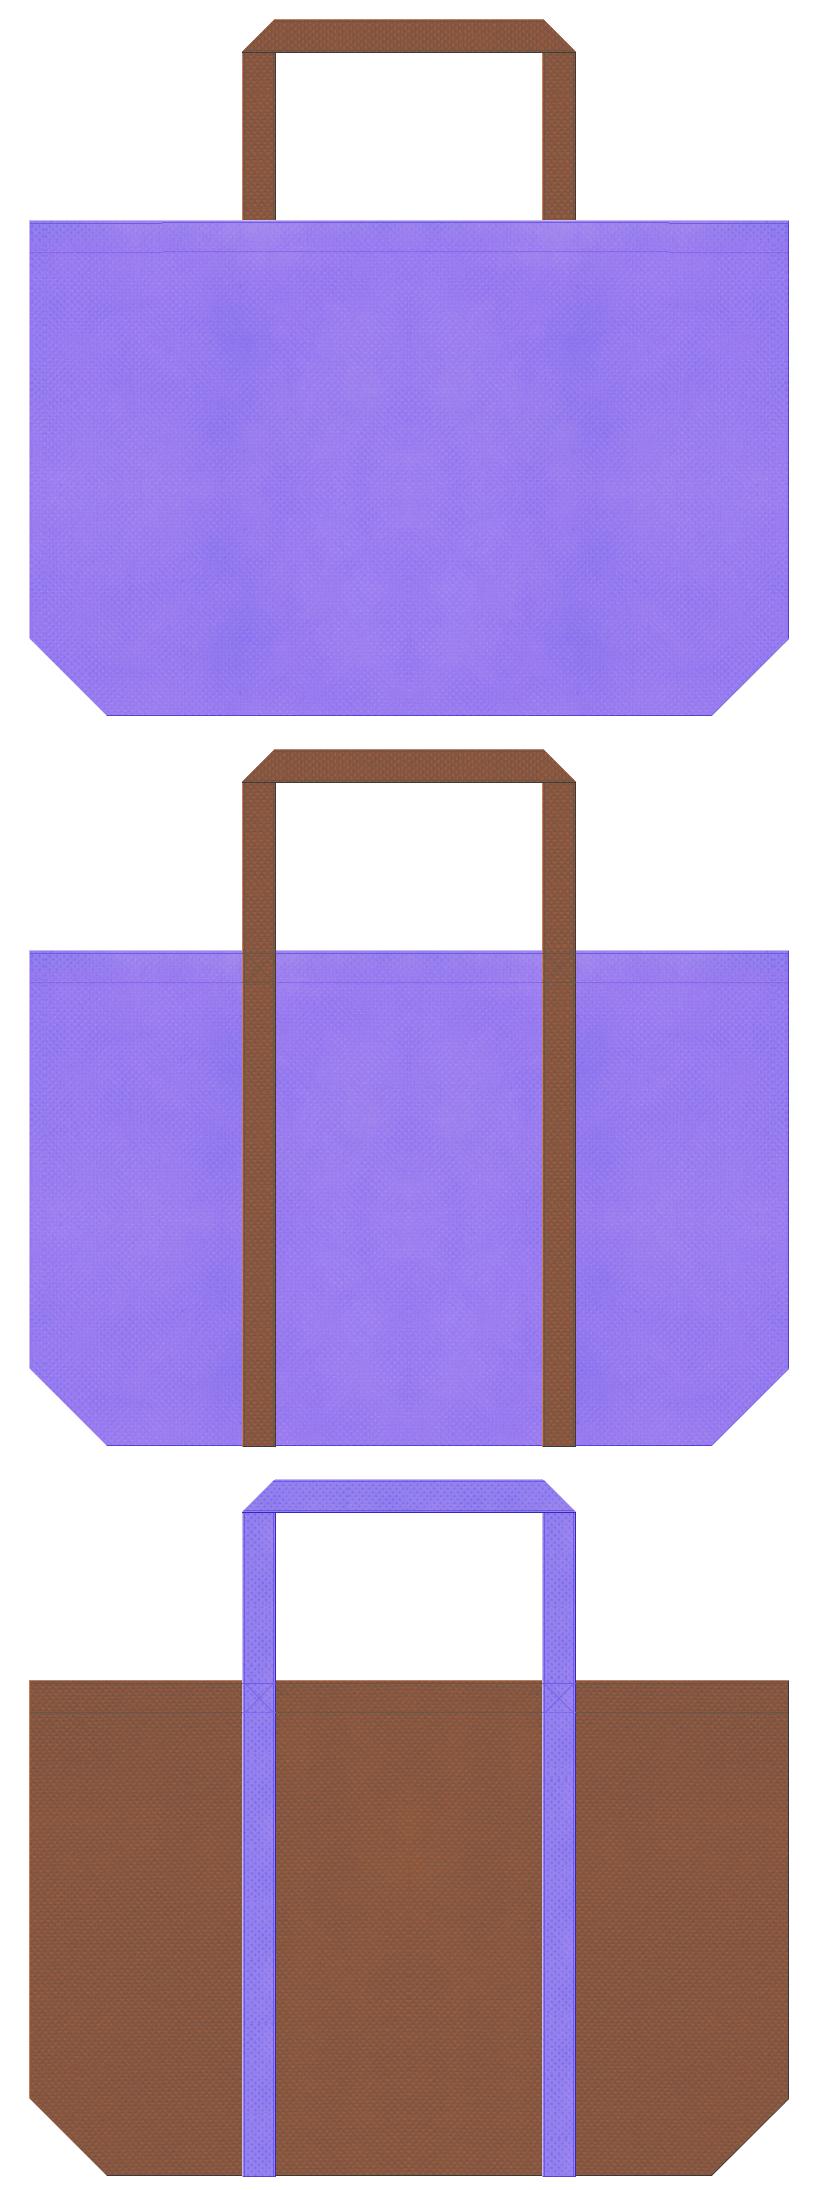 薄紫色と茶色の不織布ショッピングバッグデザイン。